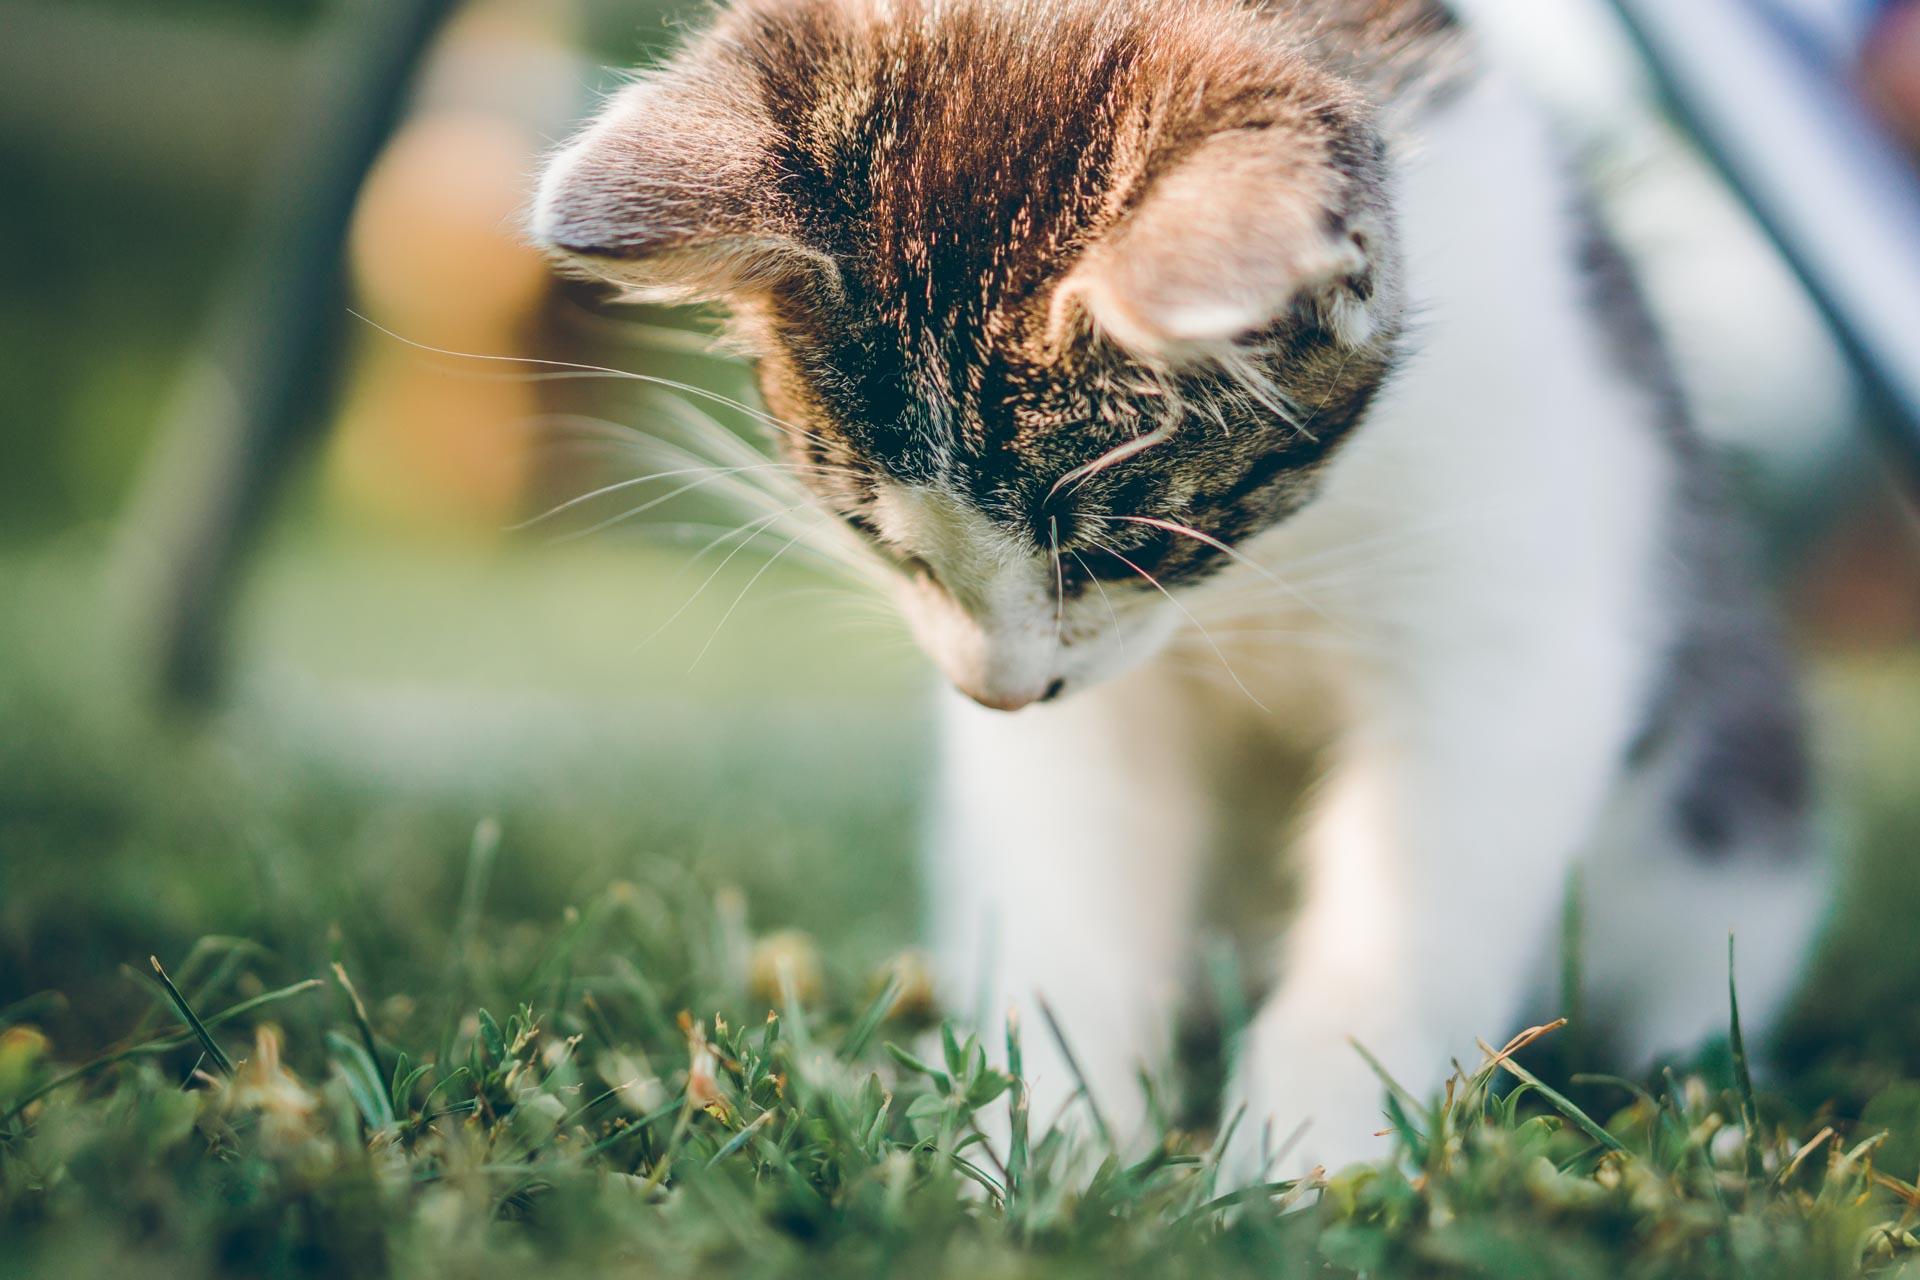 Detailfoto einer Katze bei der Hochzeitsfeier